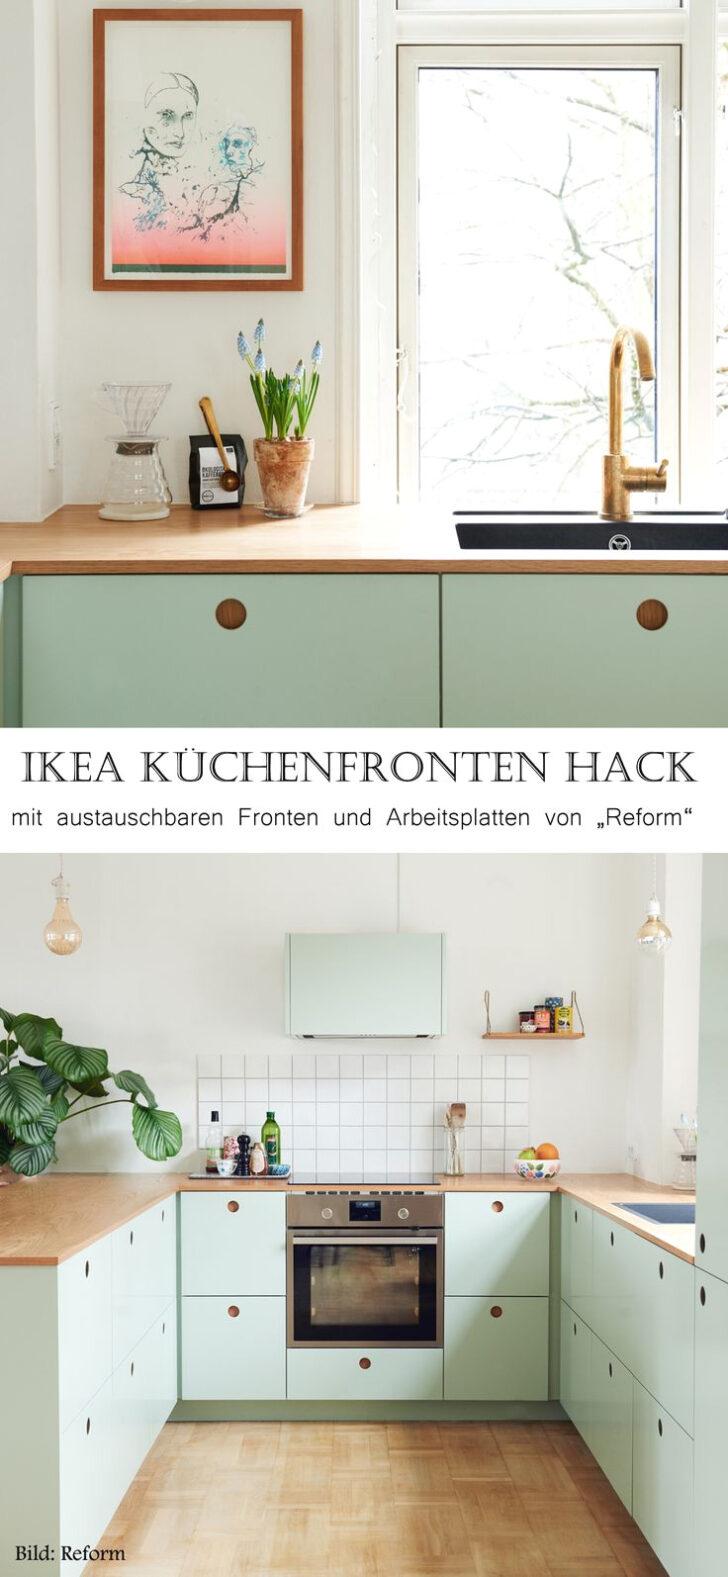 Medium Size of Inselküche Ikea Küche Kaufen Kosten Abverkauf Sofa Mit Schlaffunktion Miniküche Modulküche Betten Bei 160x200 Wohnzimmer Inselküche Ikea